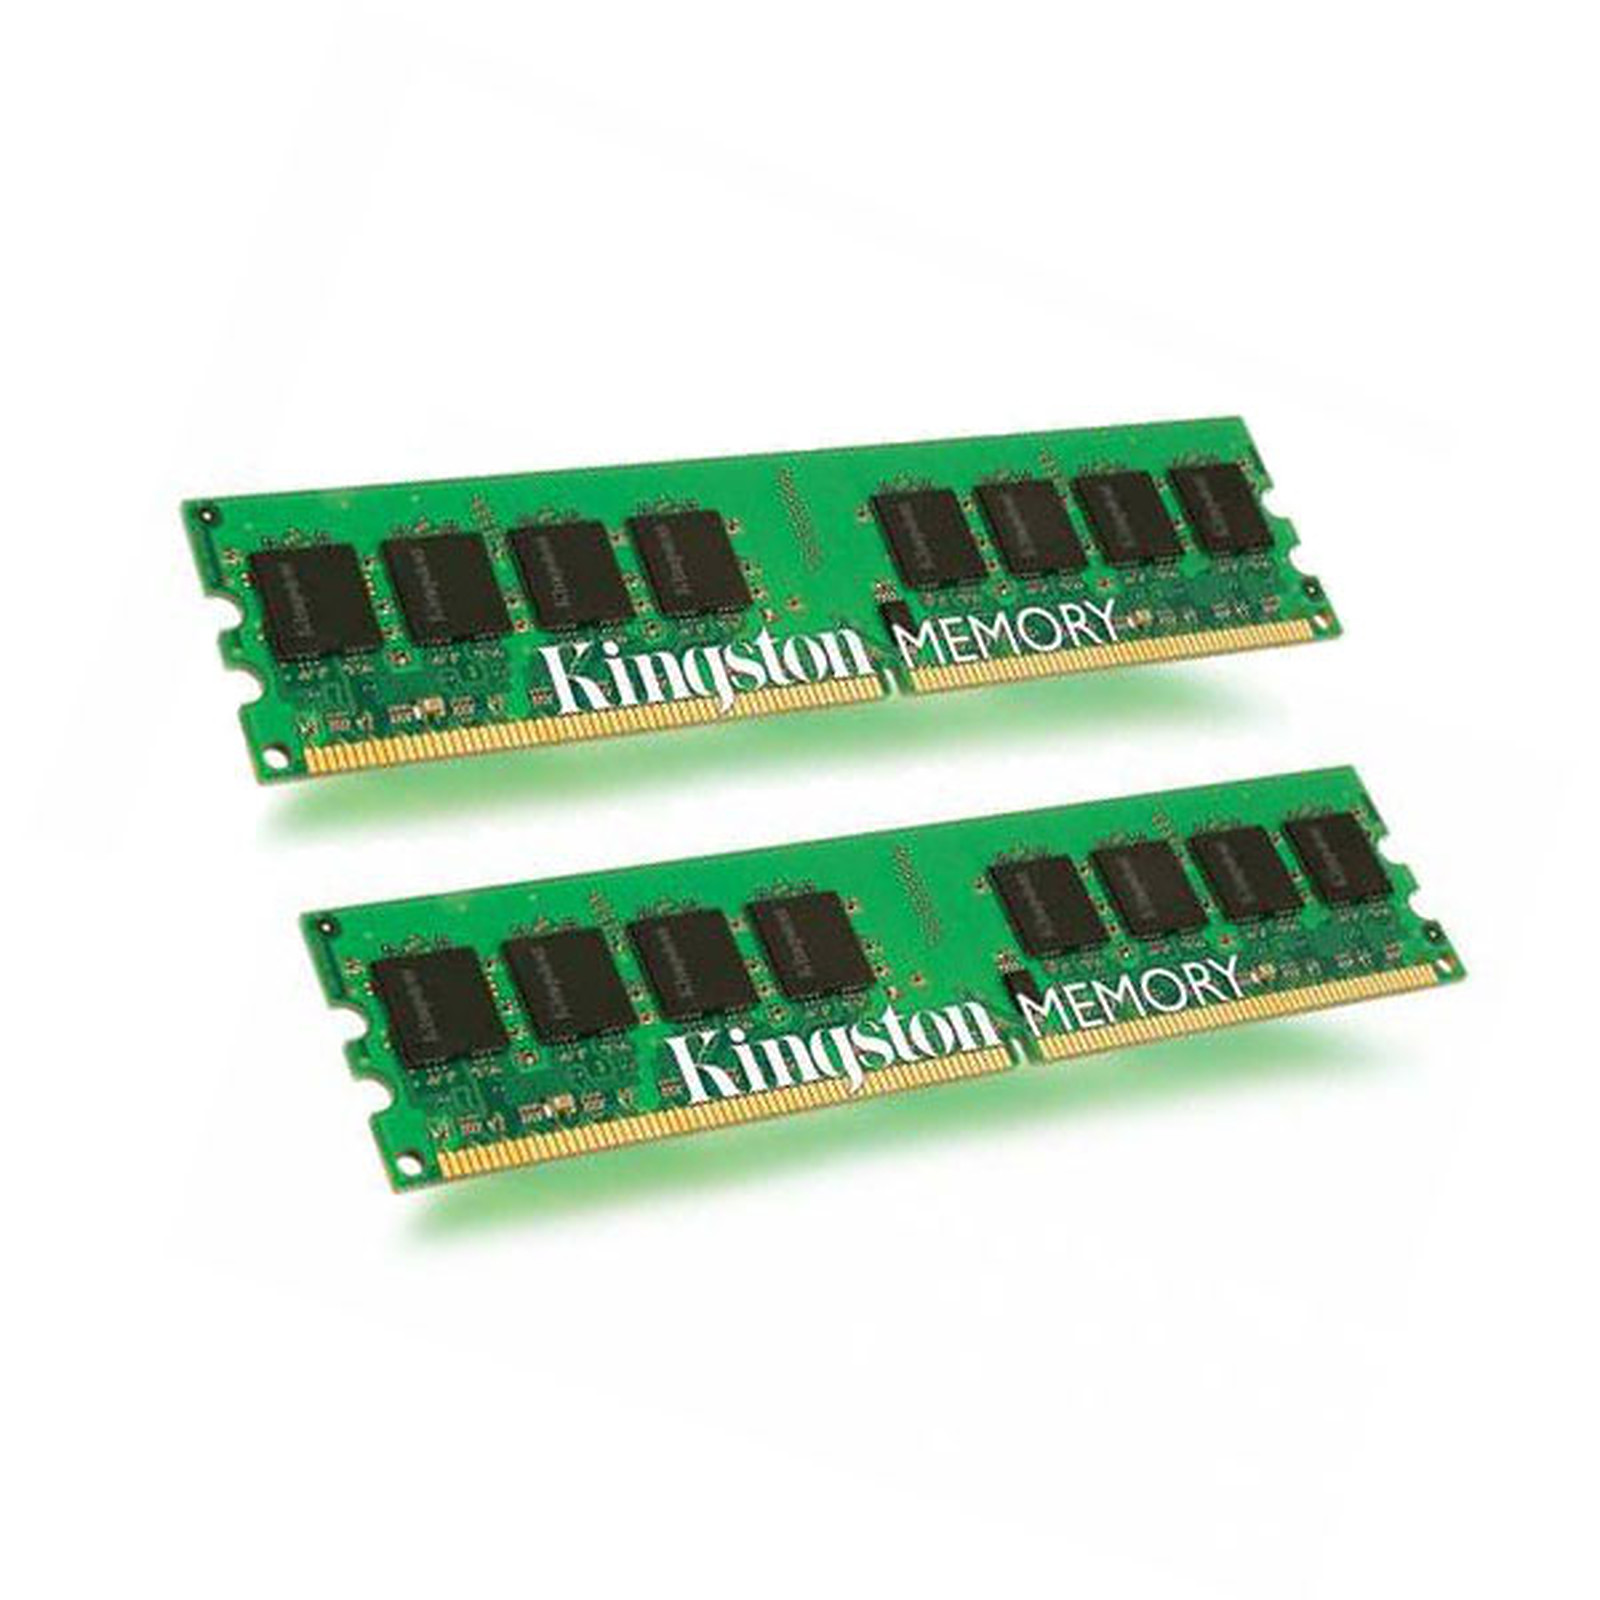 Kingston for Dell 4 Go (2 x 2 Go) DDR2 667 MHz ECC Registred